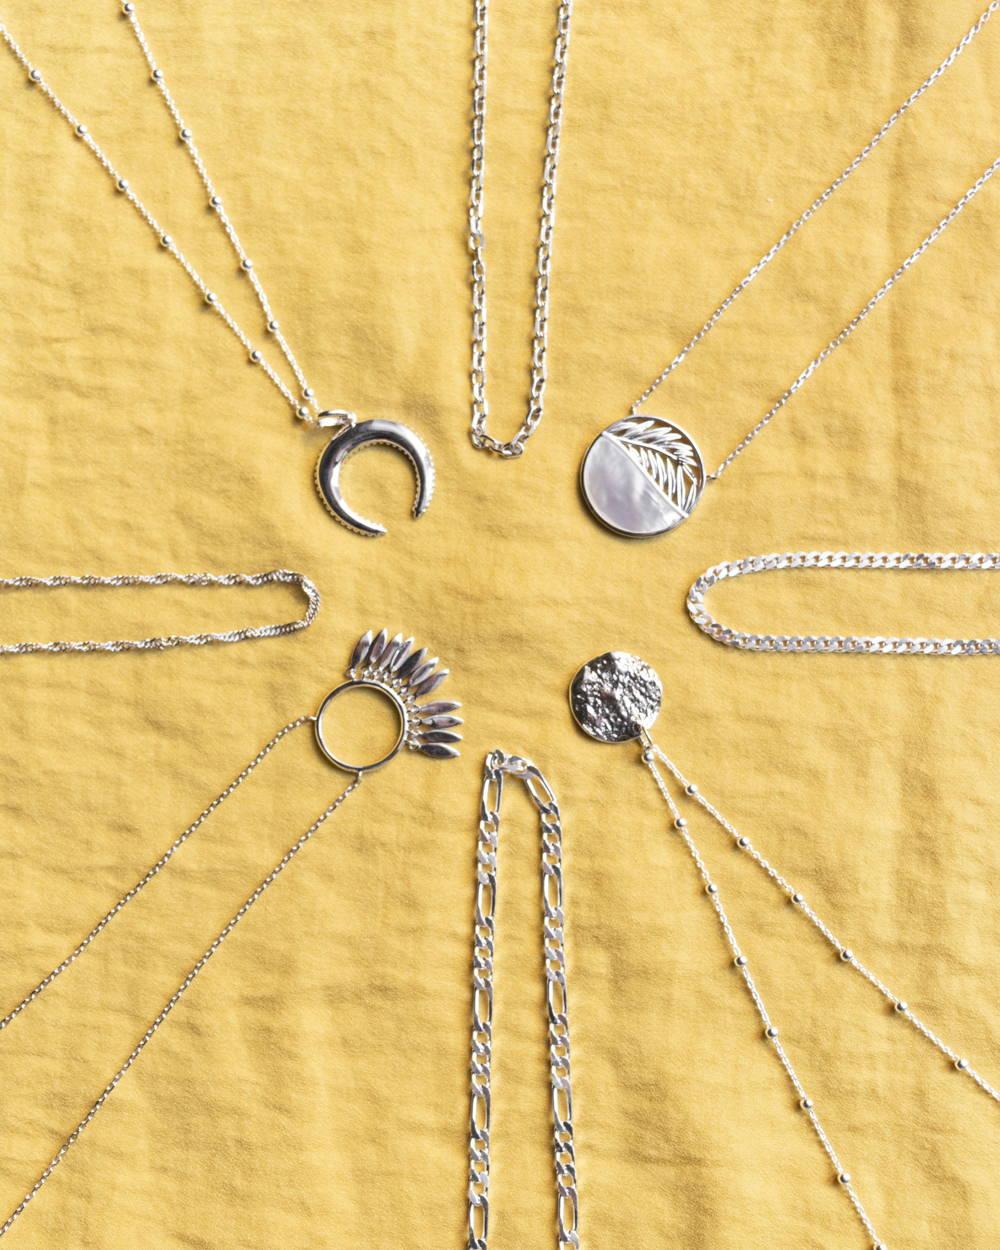 Colliers en argent sur fond jaune